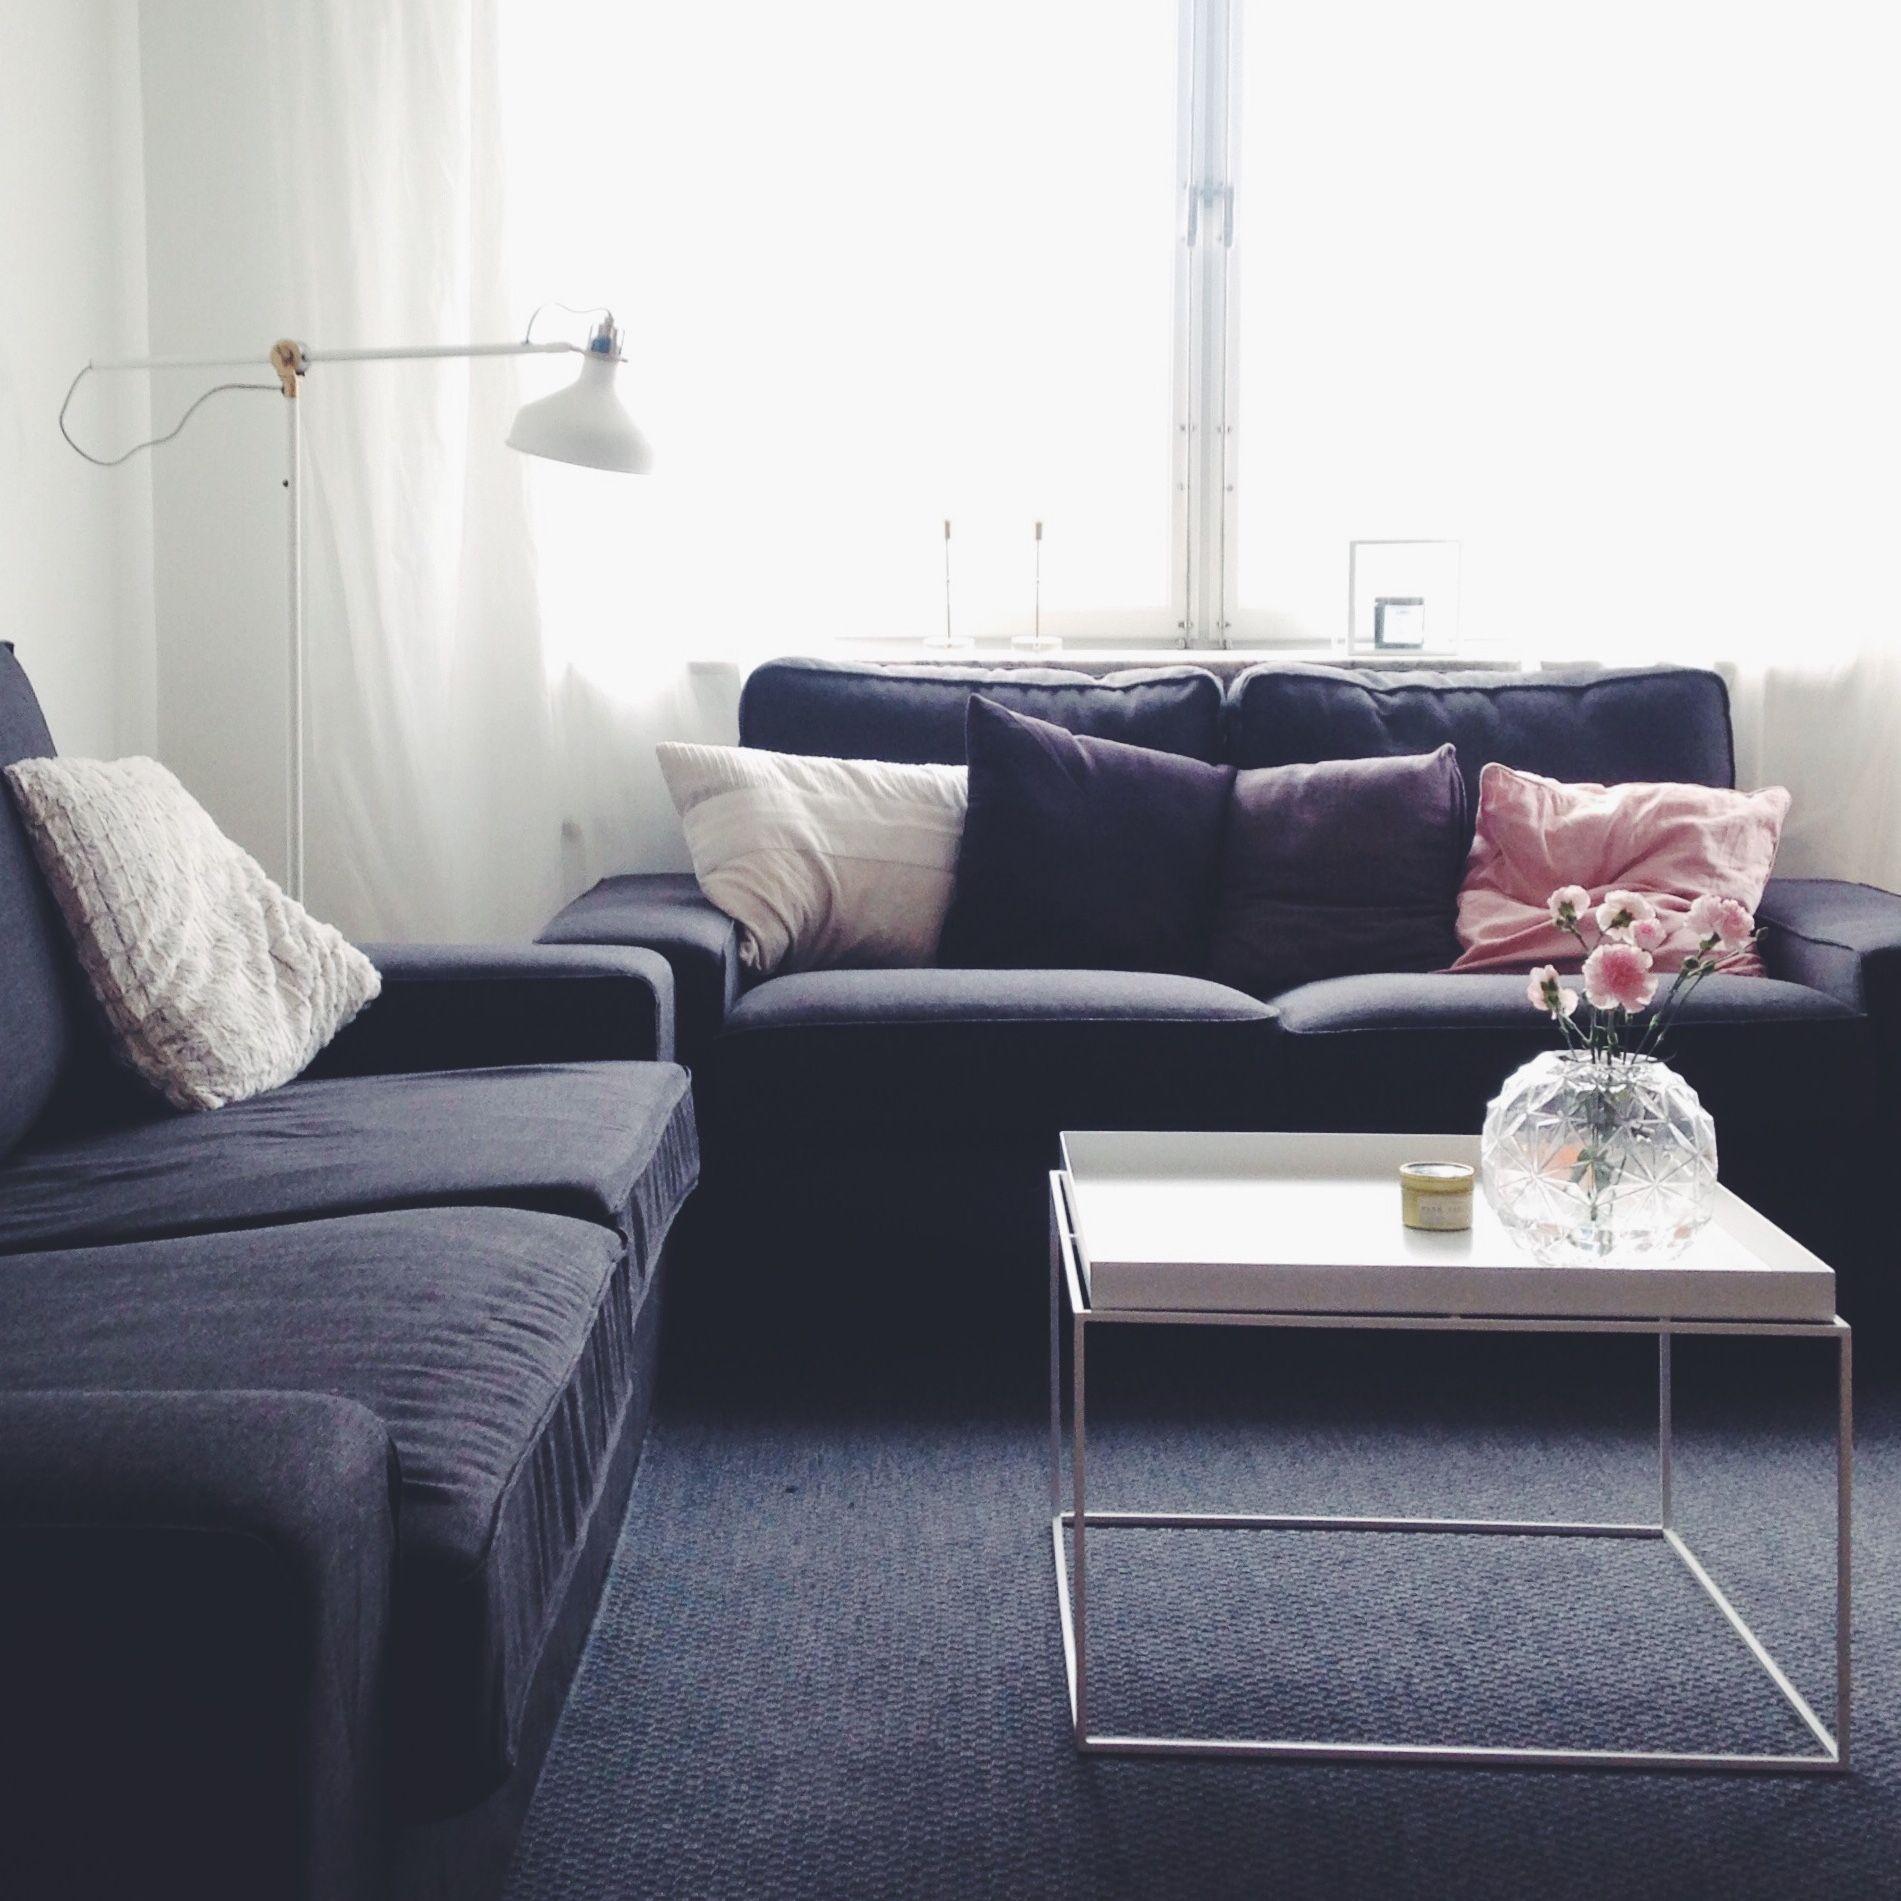 Hay Tray Table Ikea Kivik Sofa Ranarp Lamp Covercouch